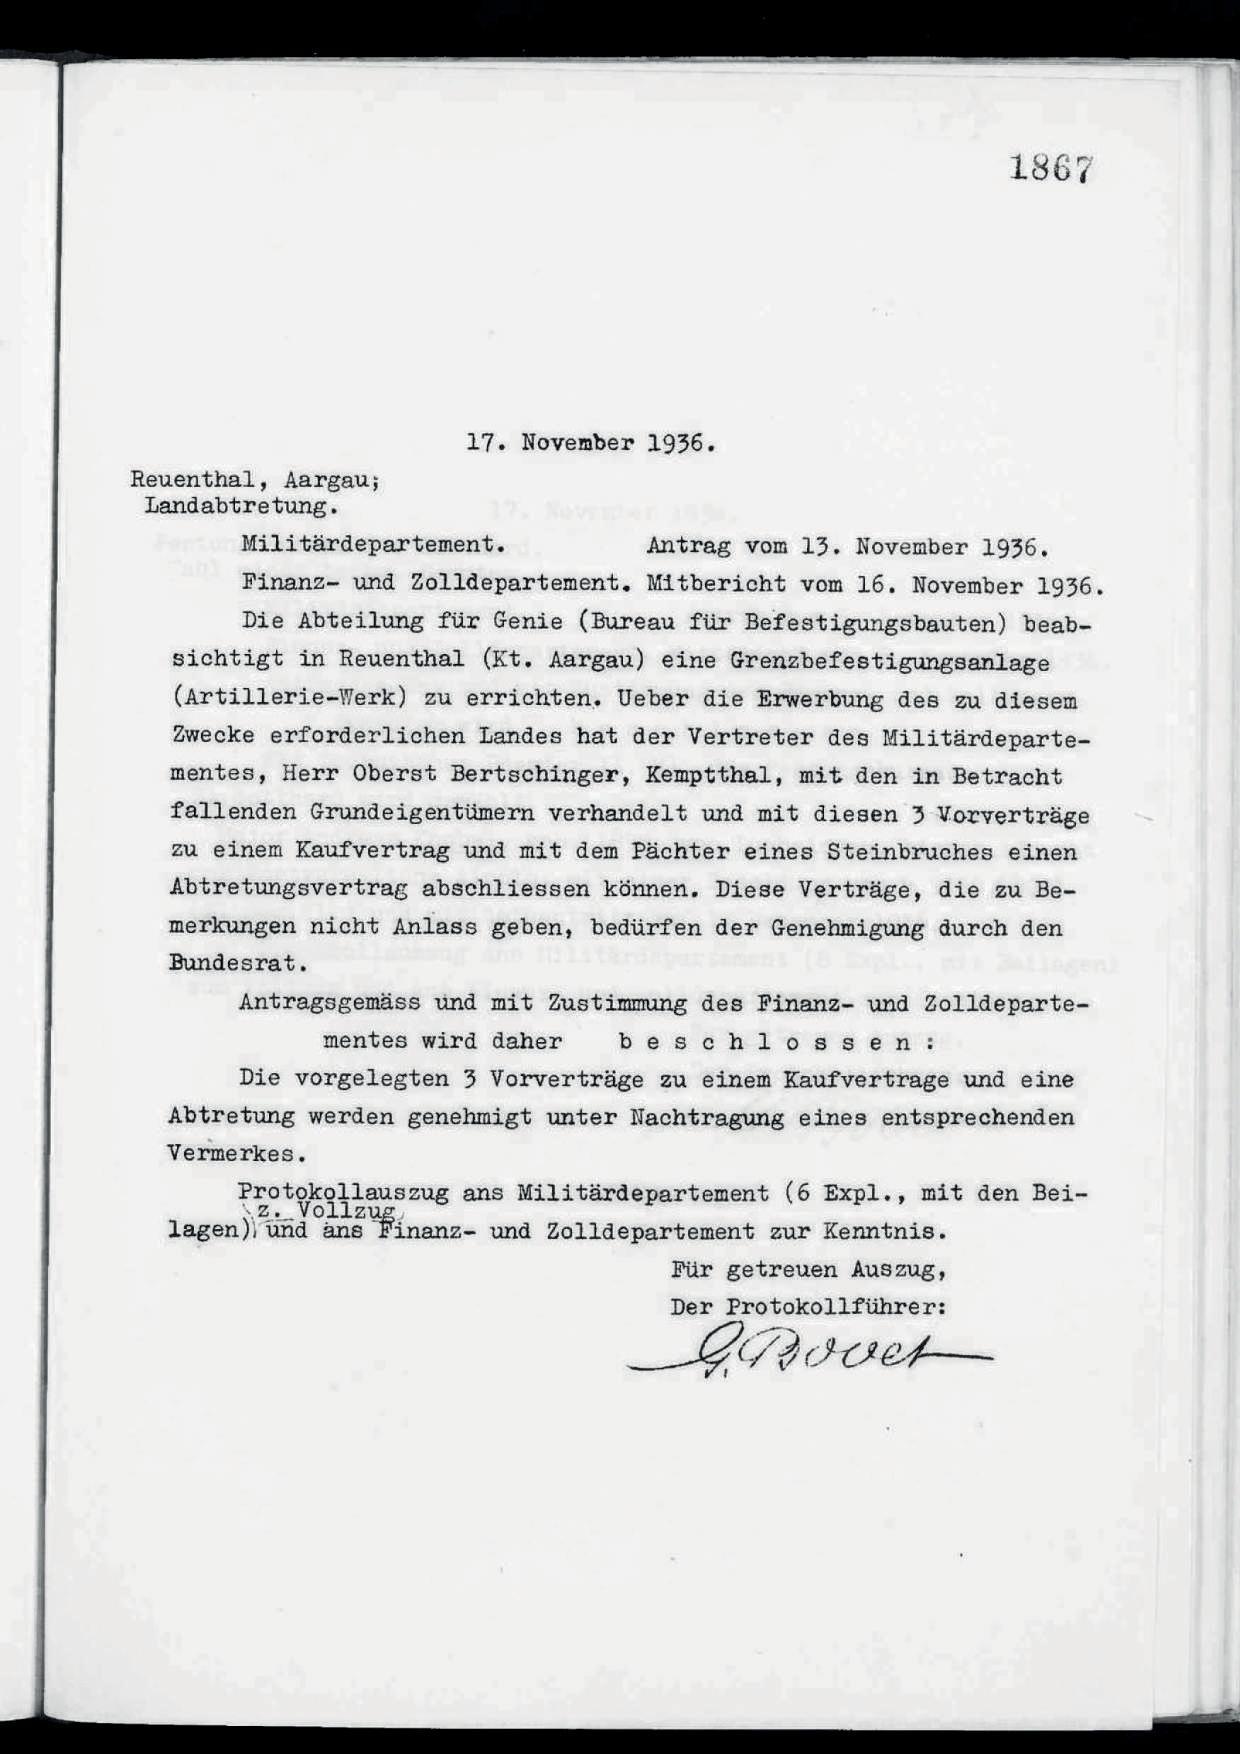 File:Landkauf Reuenthal 1936.pdf - Wikimedia Commons